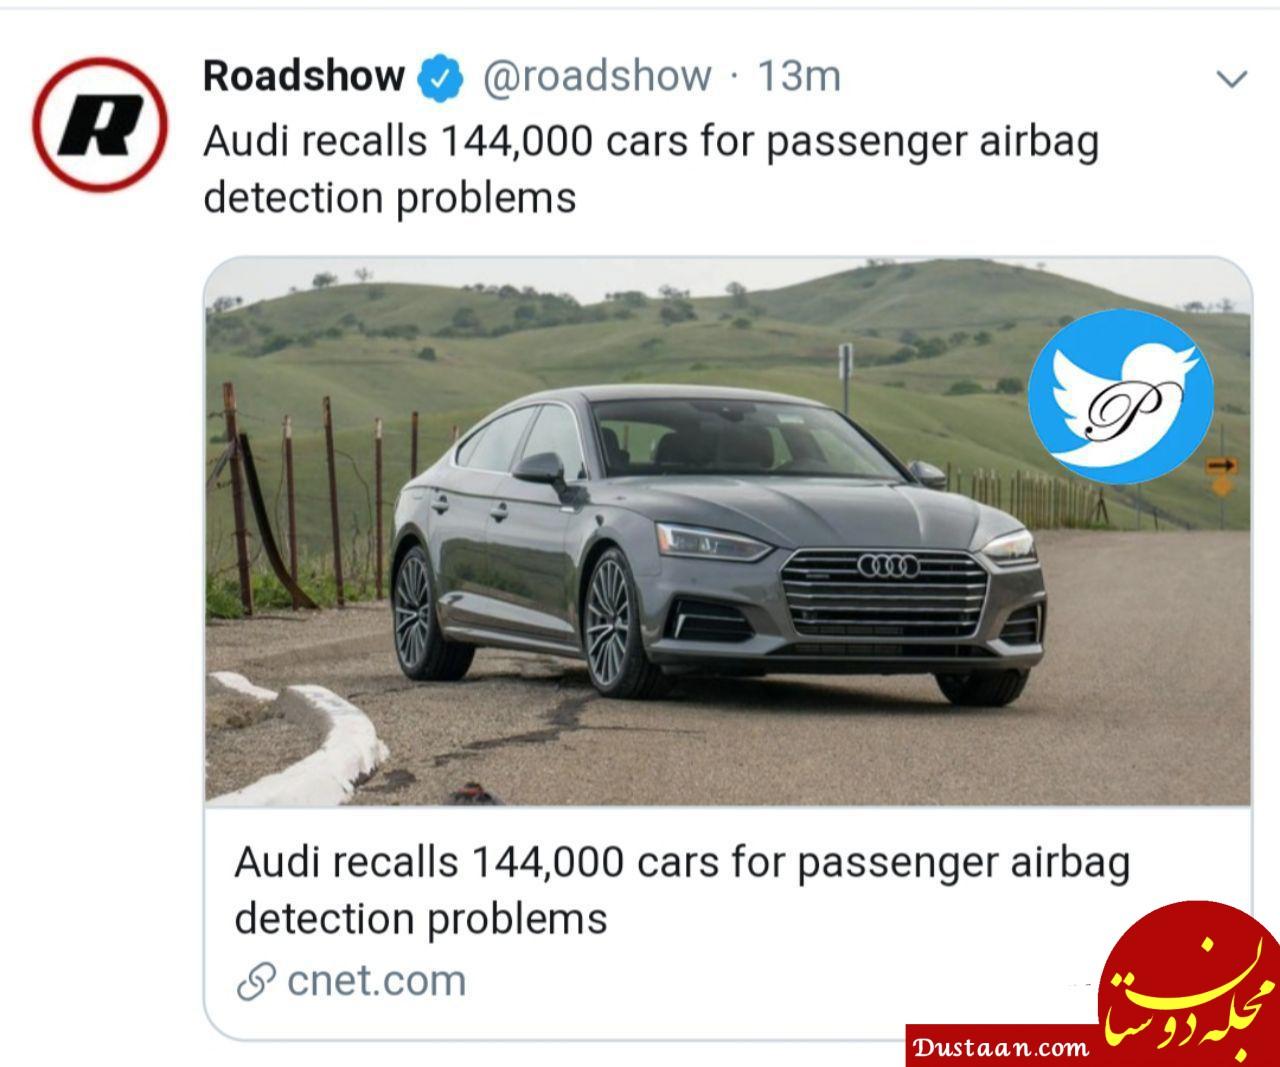 www.dustaan.com آئودی ۱۴۴ هزار خودرو را به دلیل نقص فنی در ایربگ راننده فراخواند!